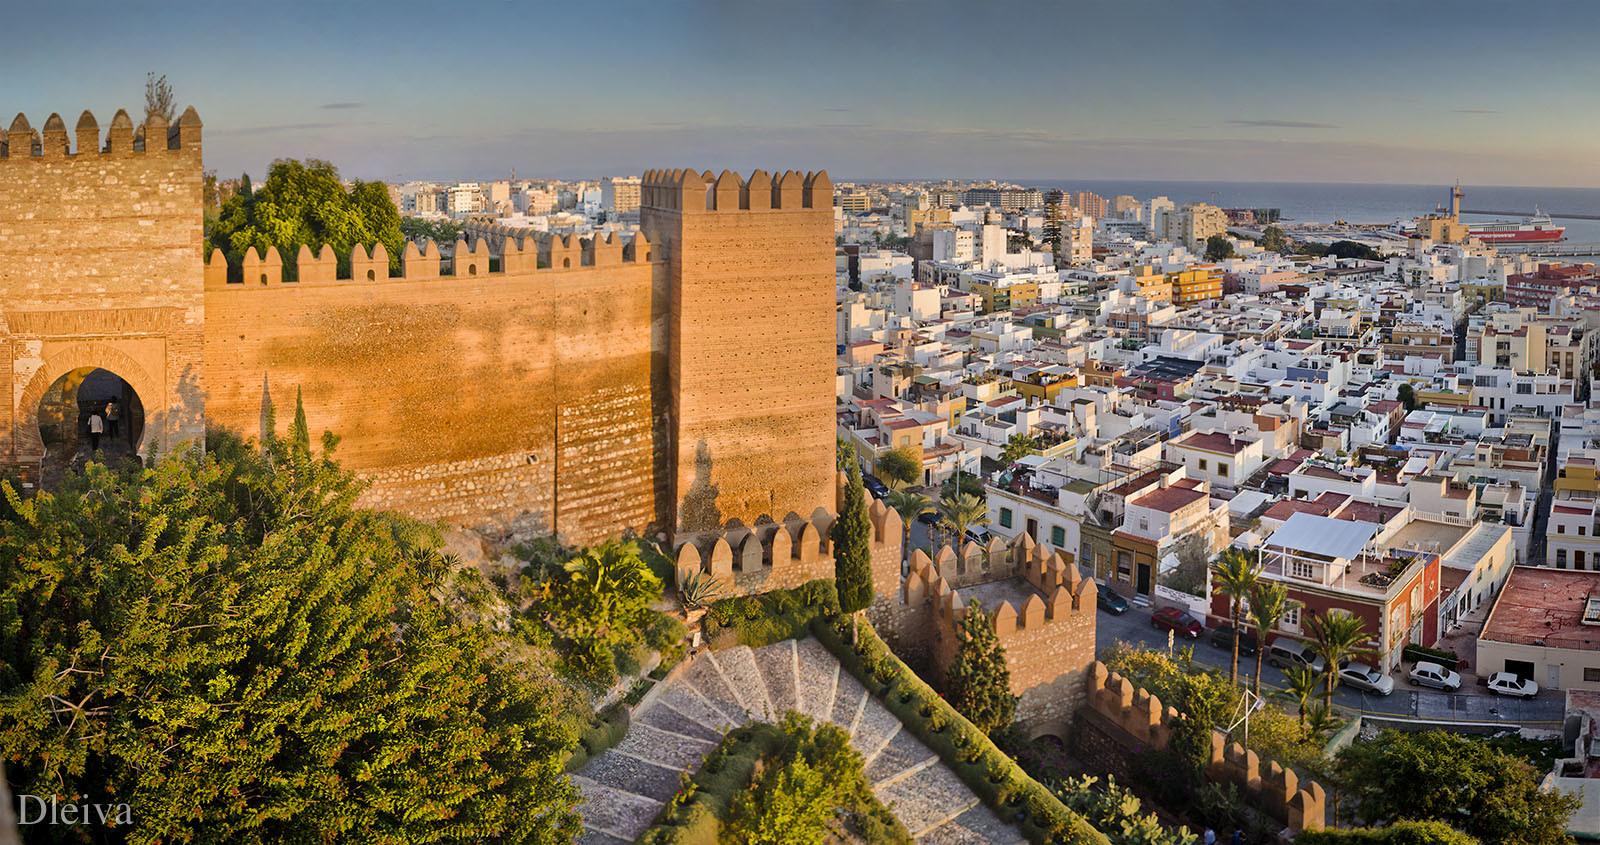 almeria - Image